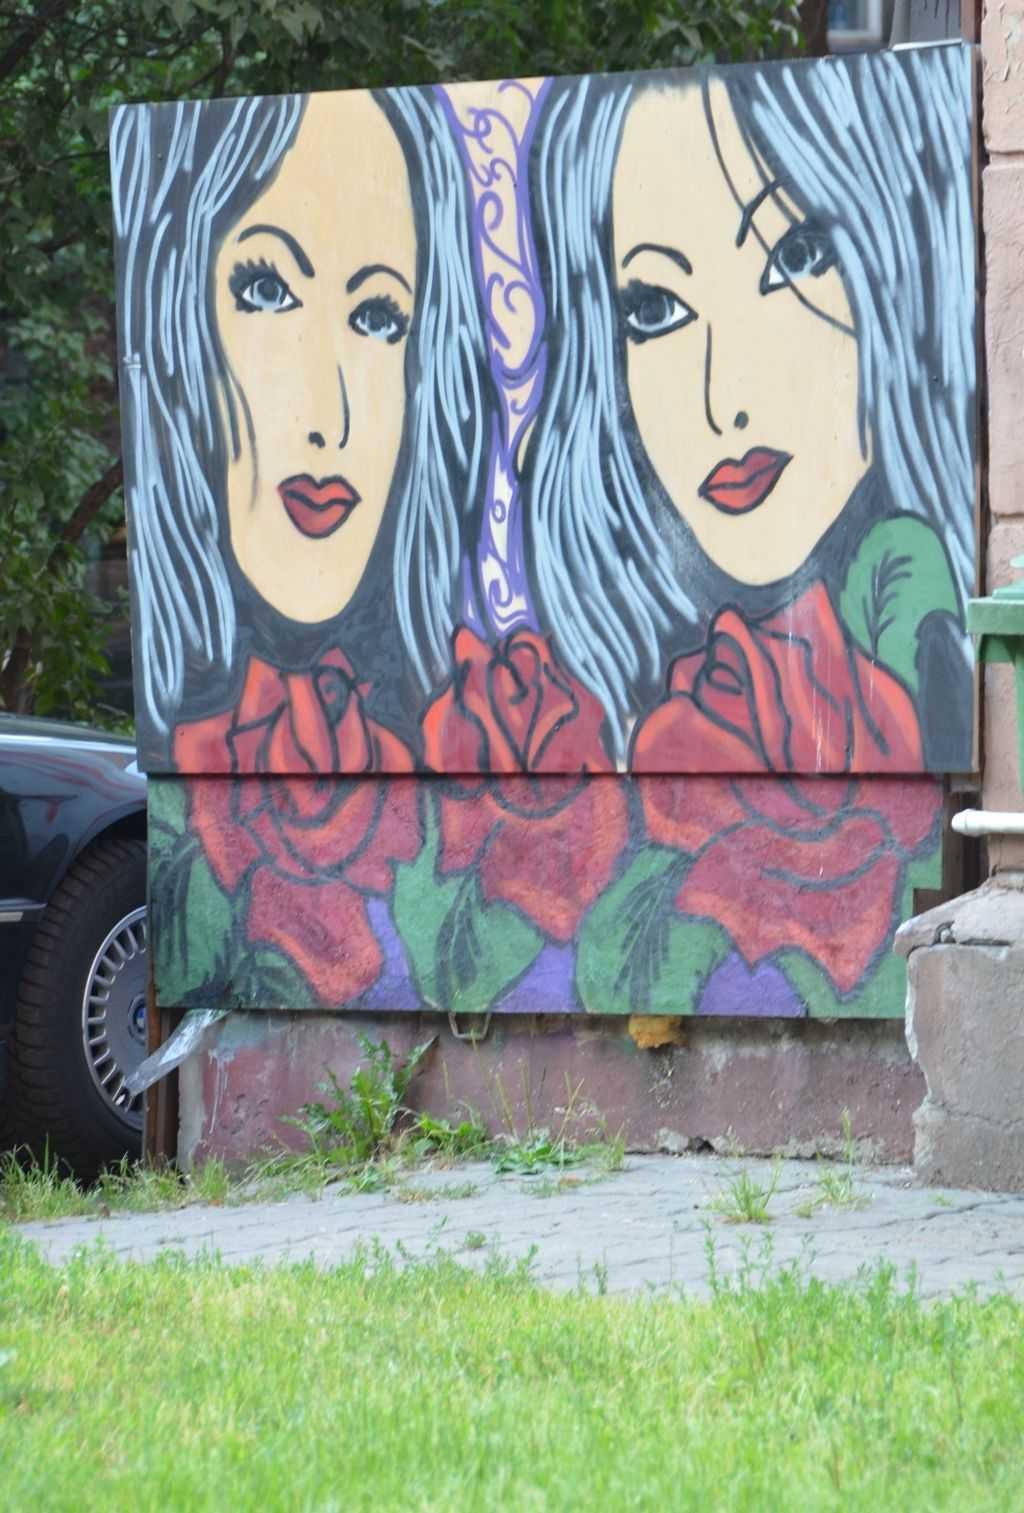 Riga'da yürüdükçe ilginç resimlerle karşılaştık…